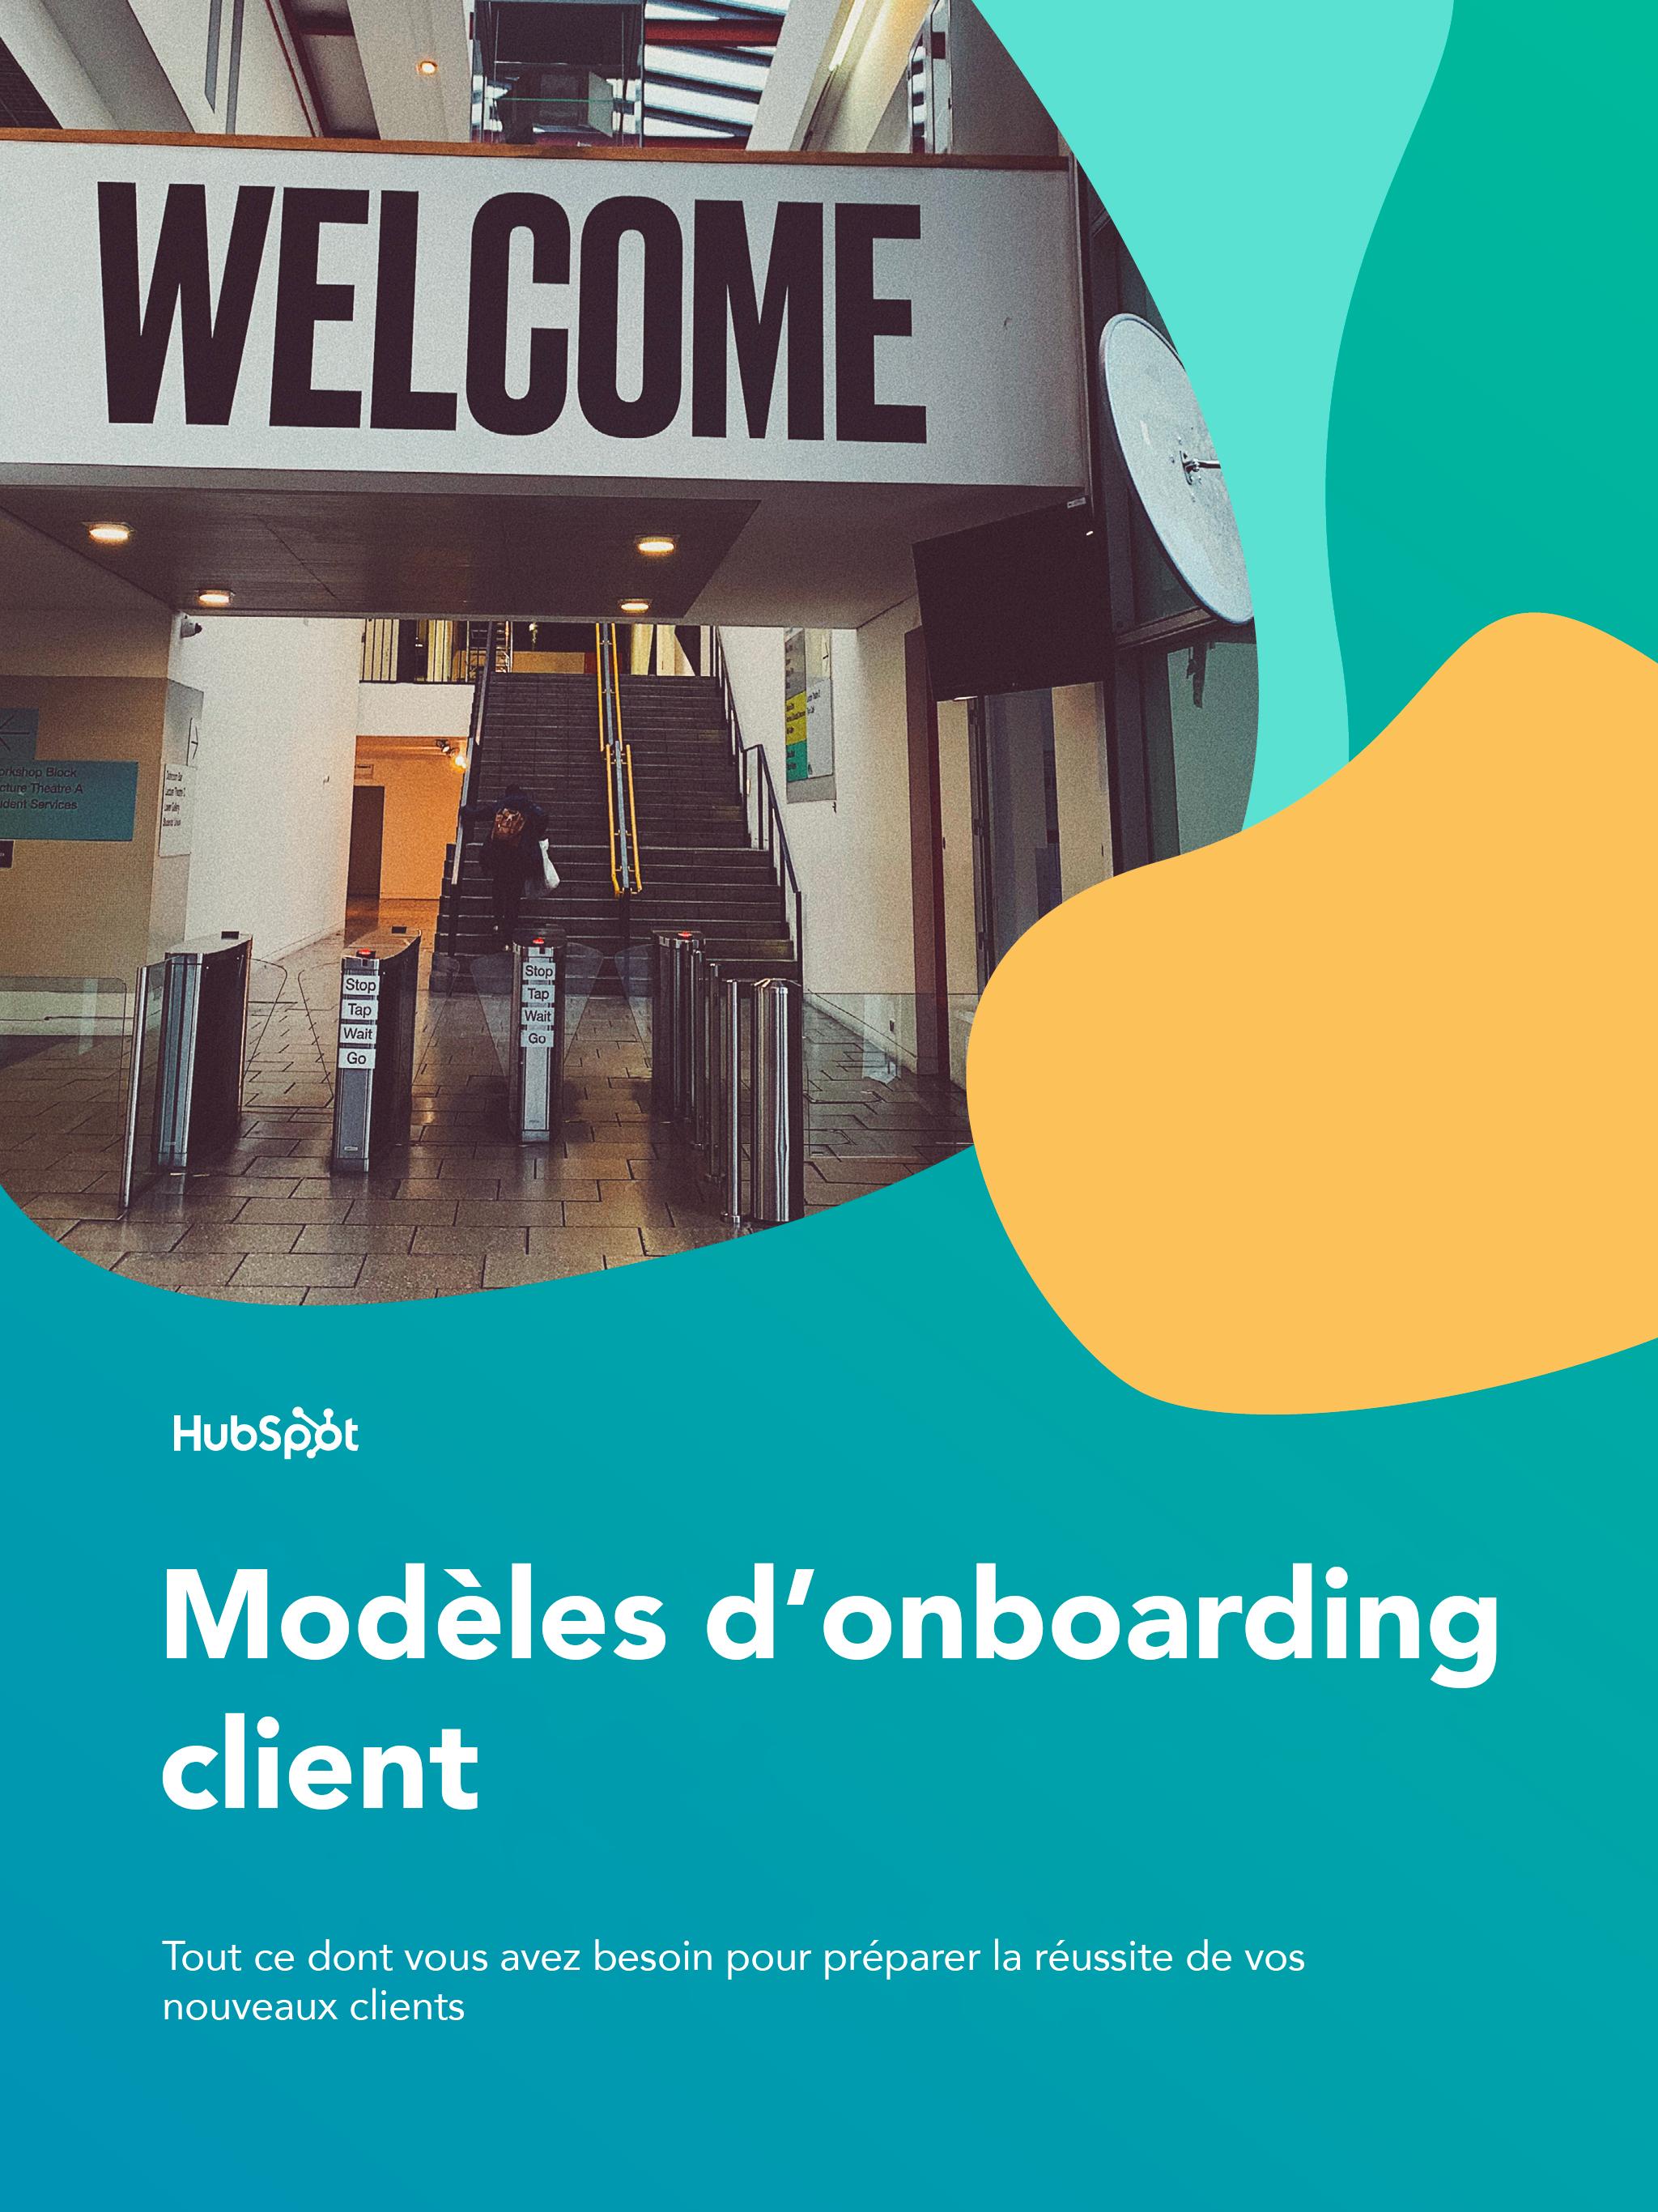 Modèles d'onboarding